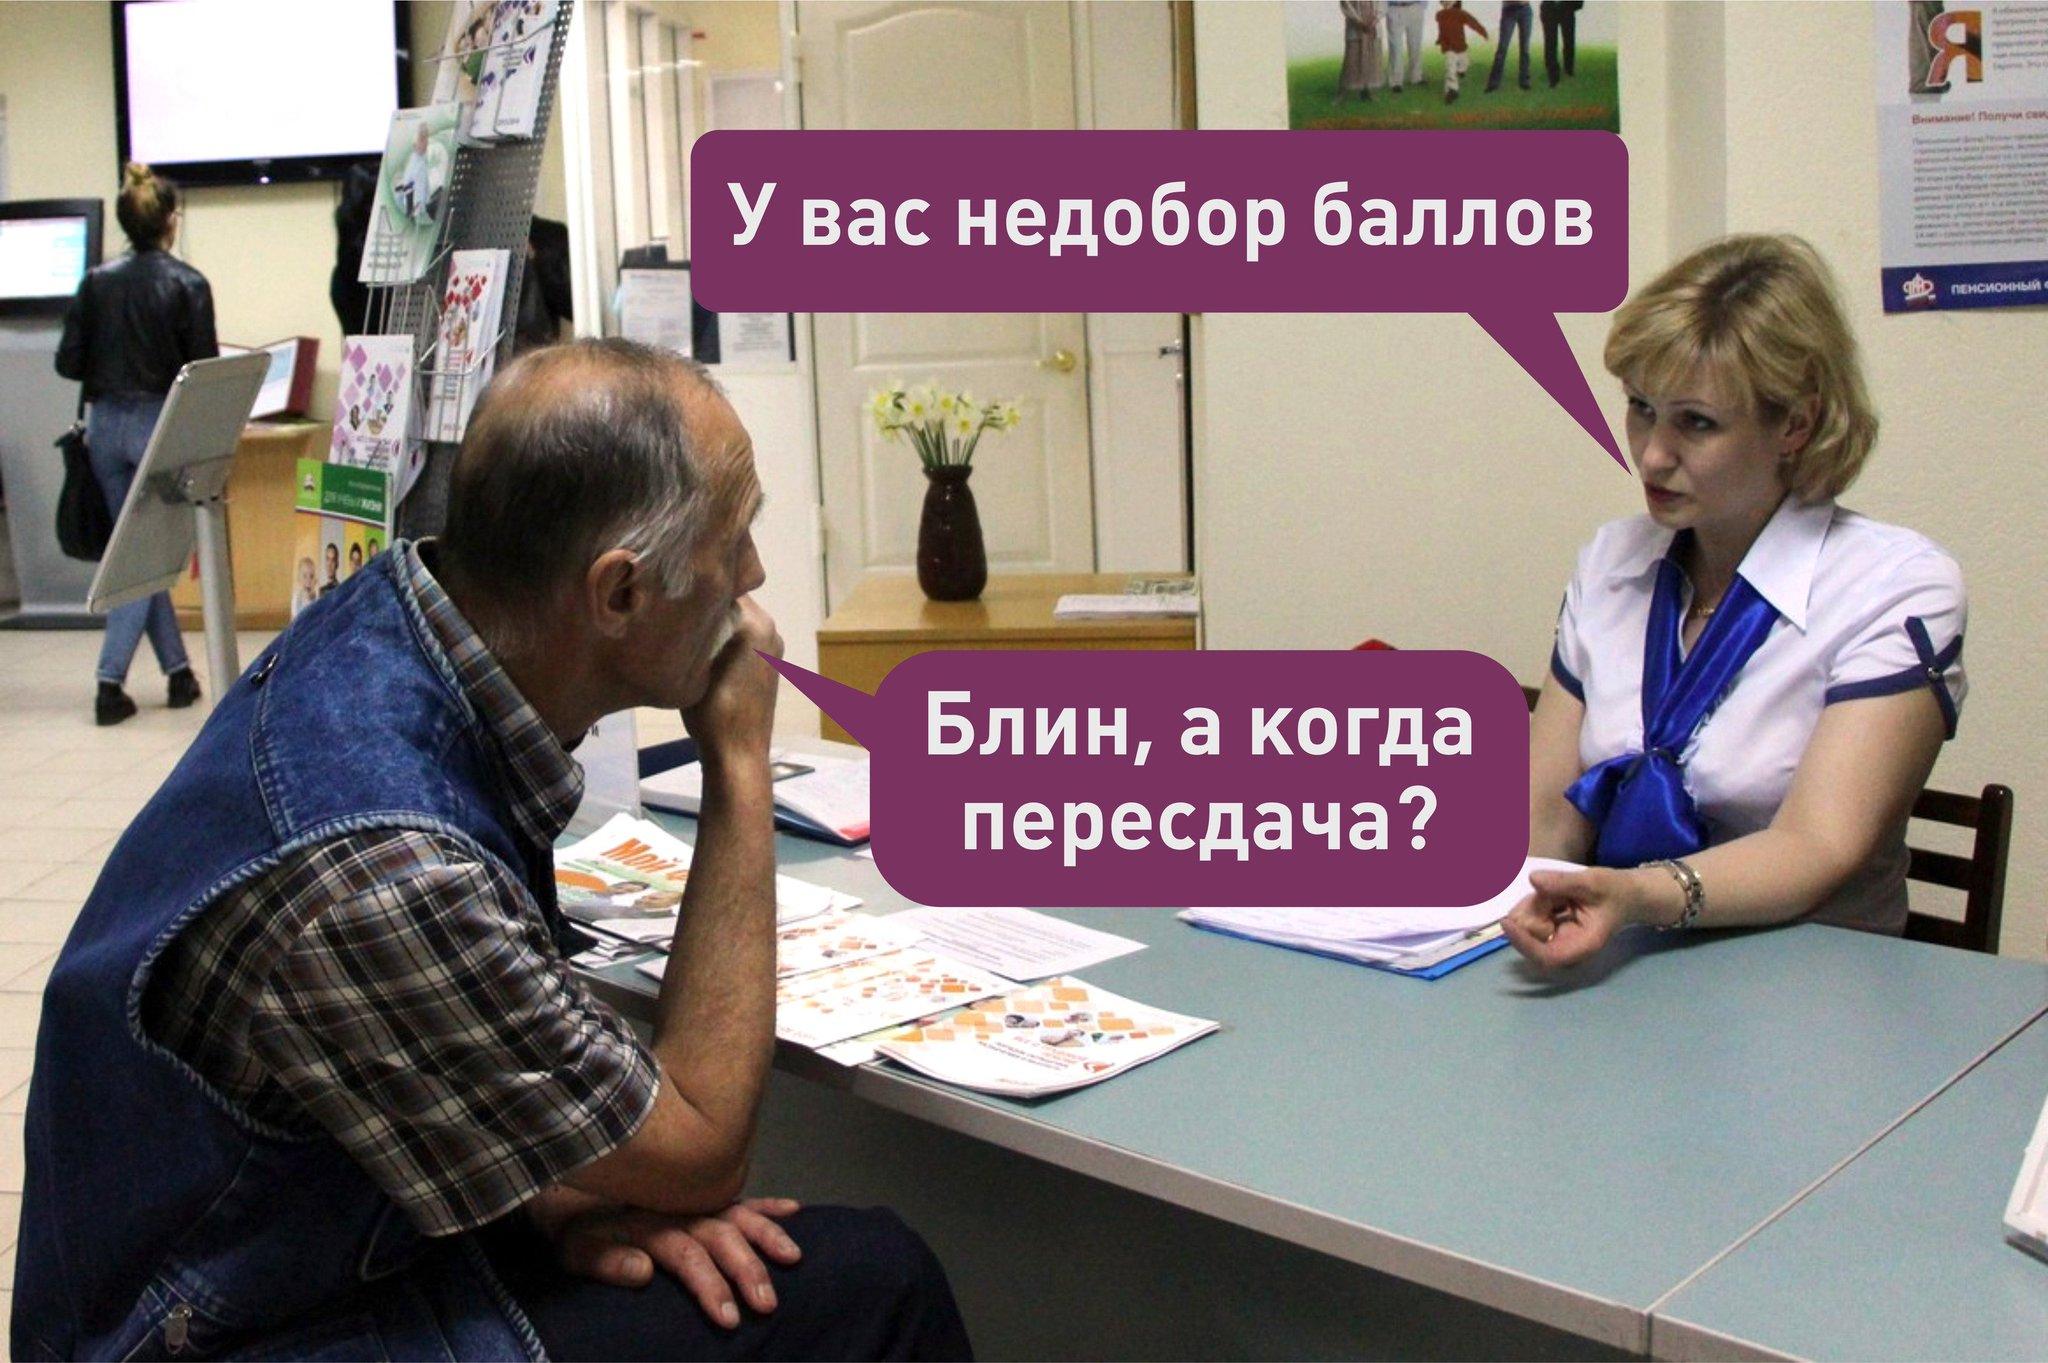 Картинка пенсионный фонд е баллы